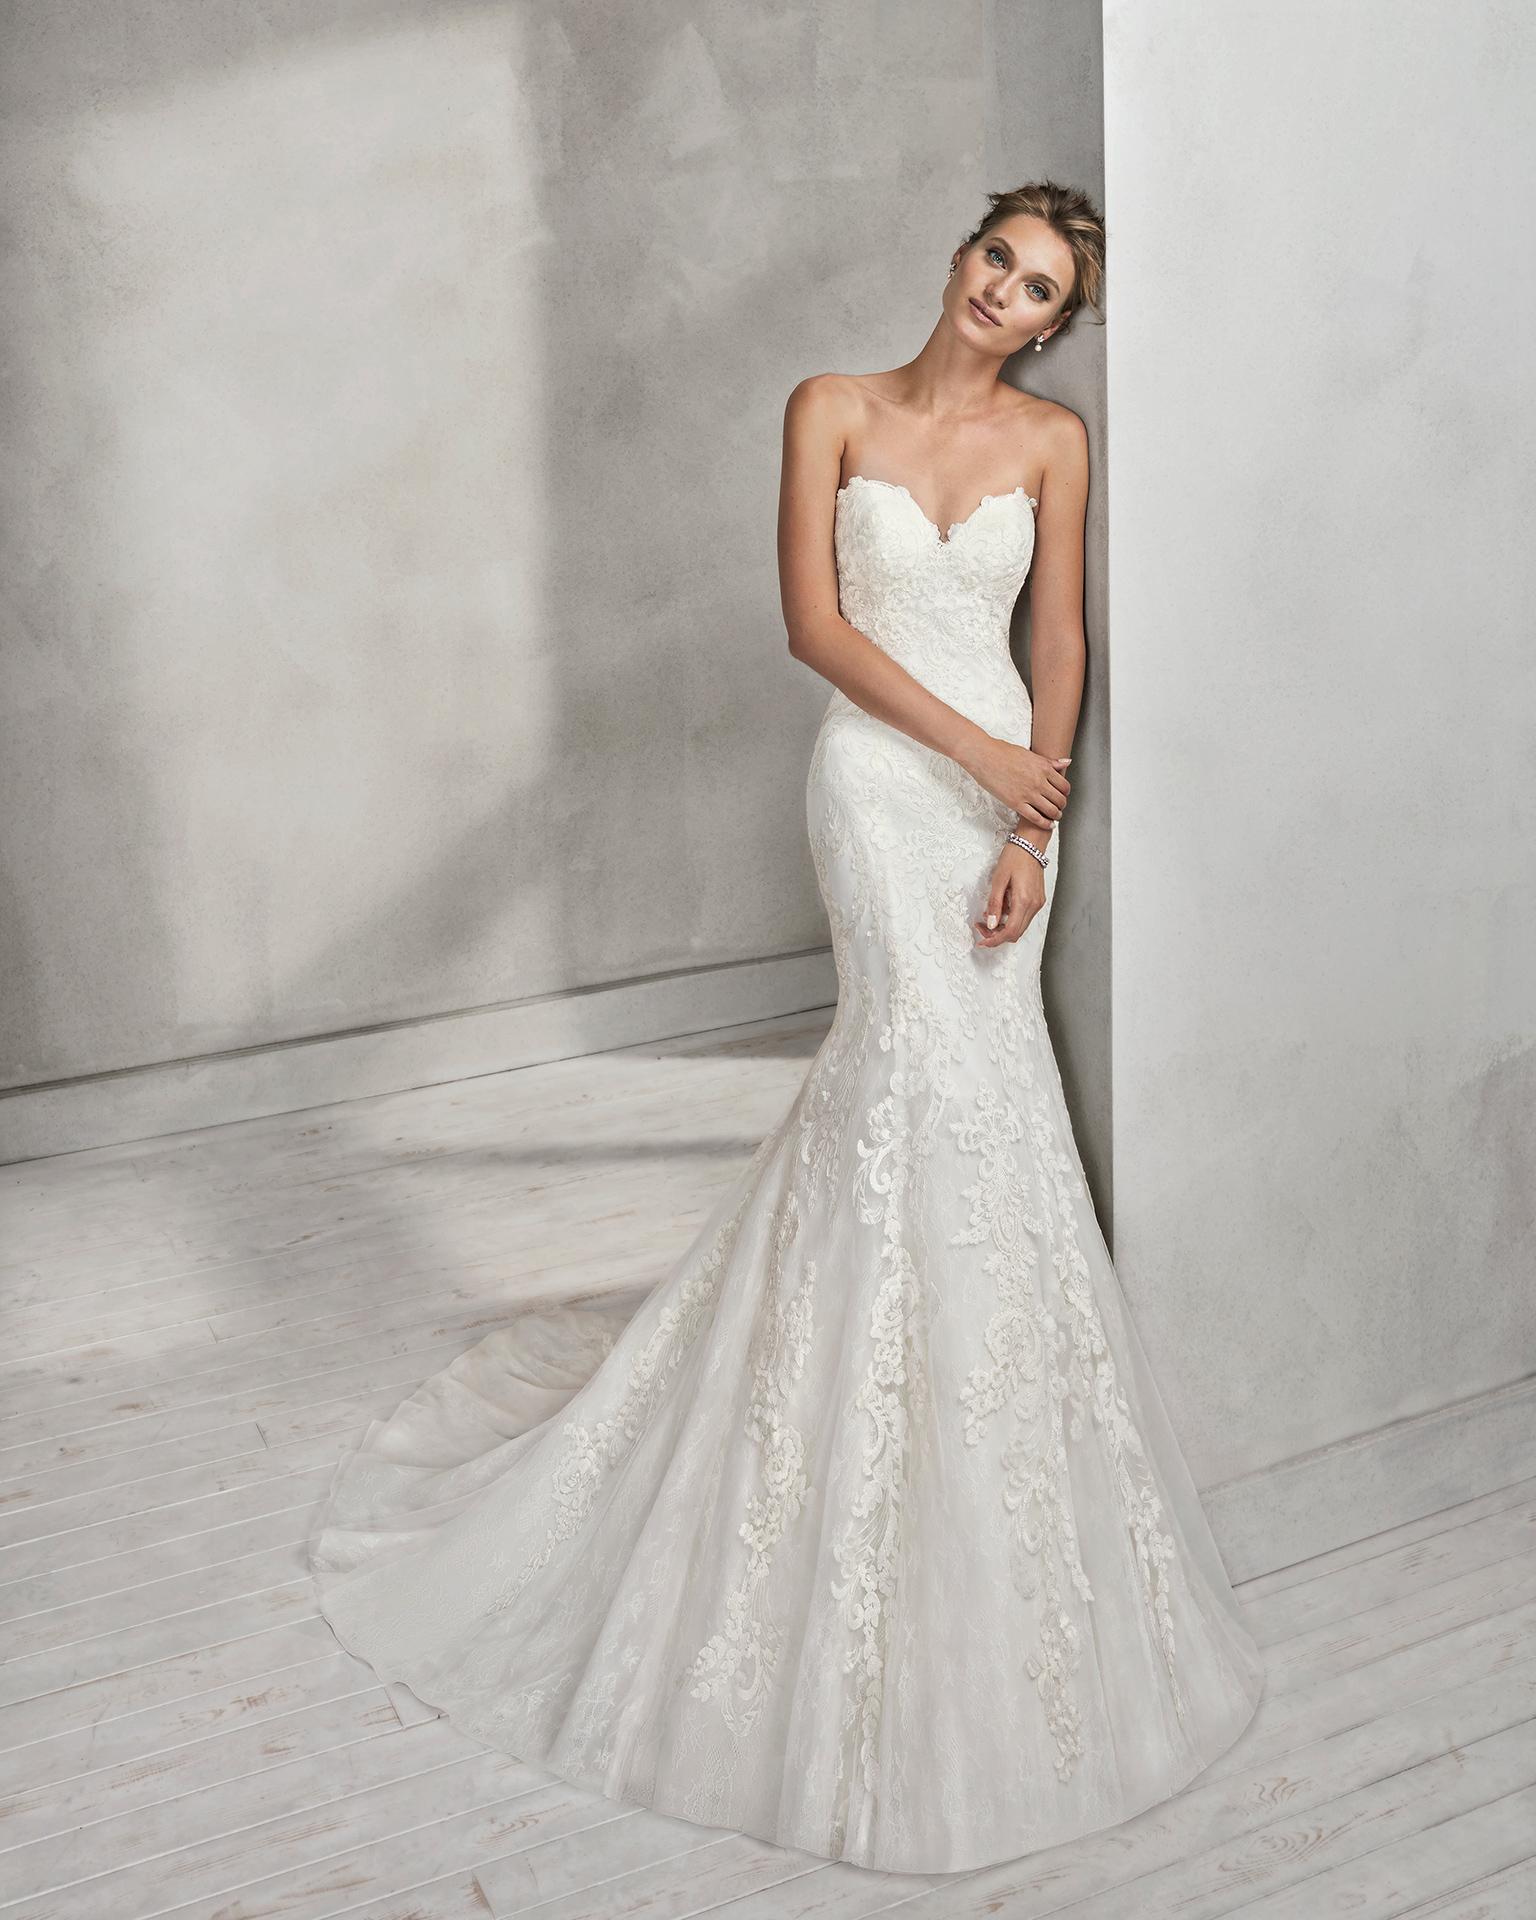 Vestido de novia corte sirena en encaje, con escote corazón.